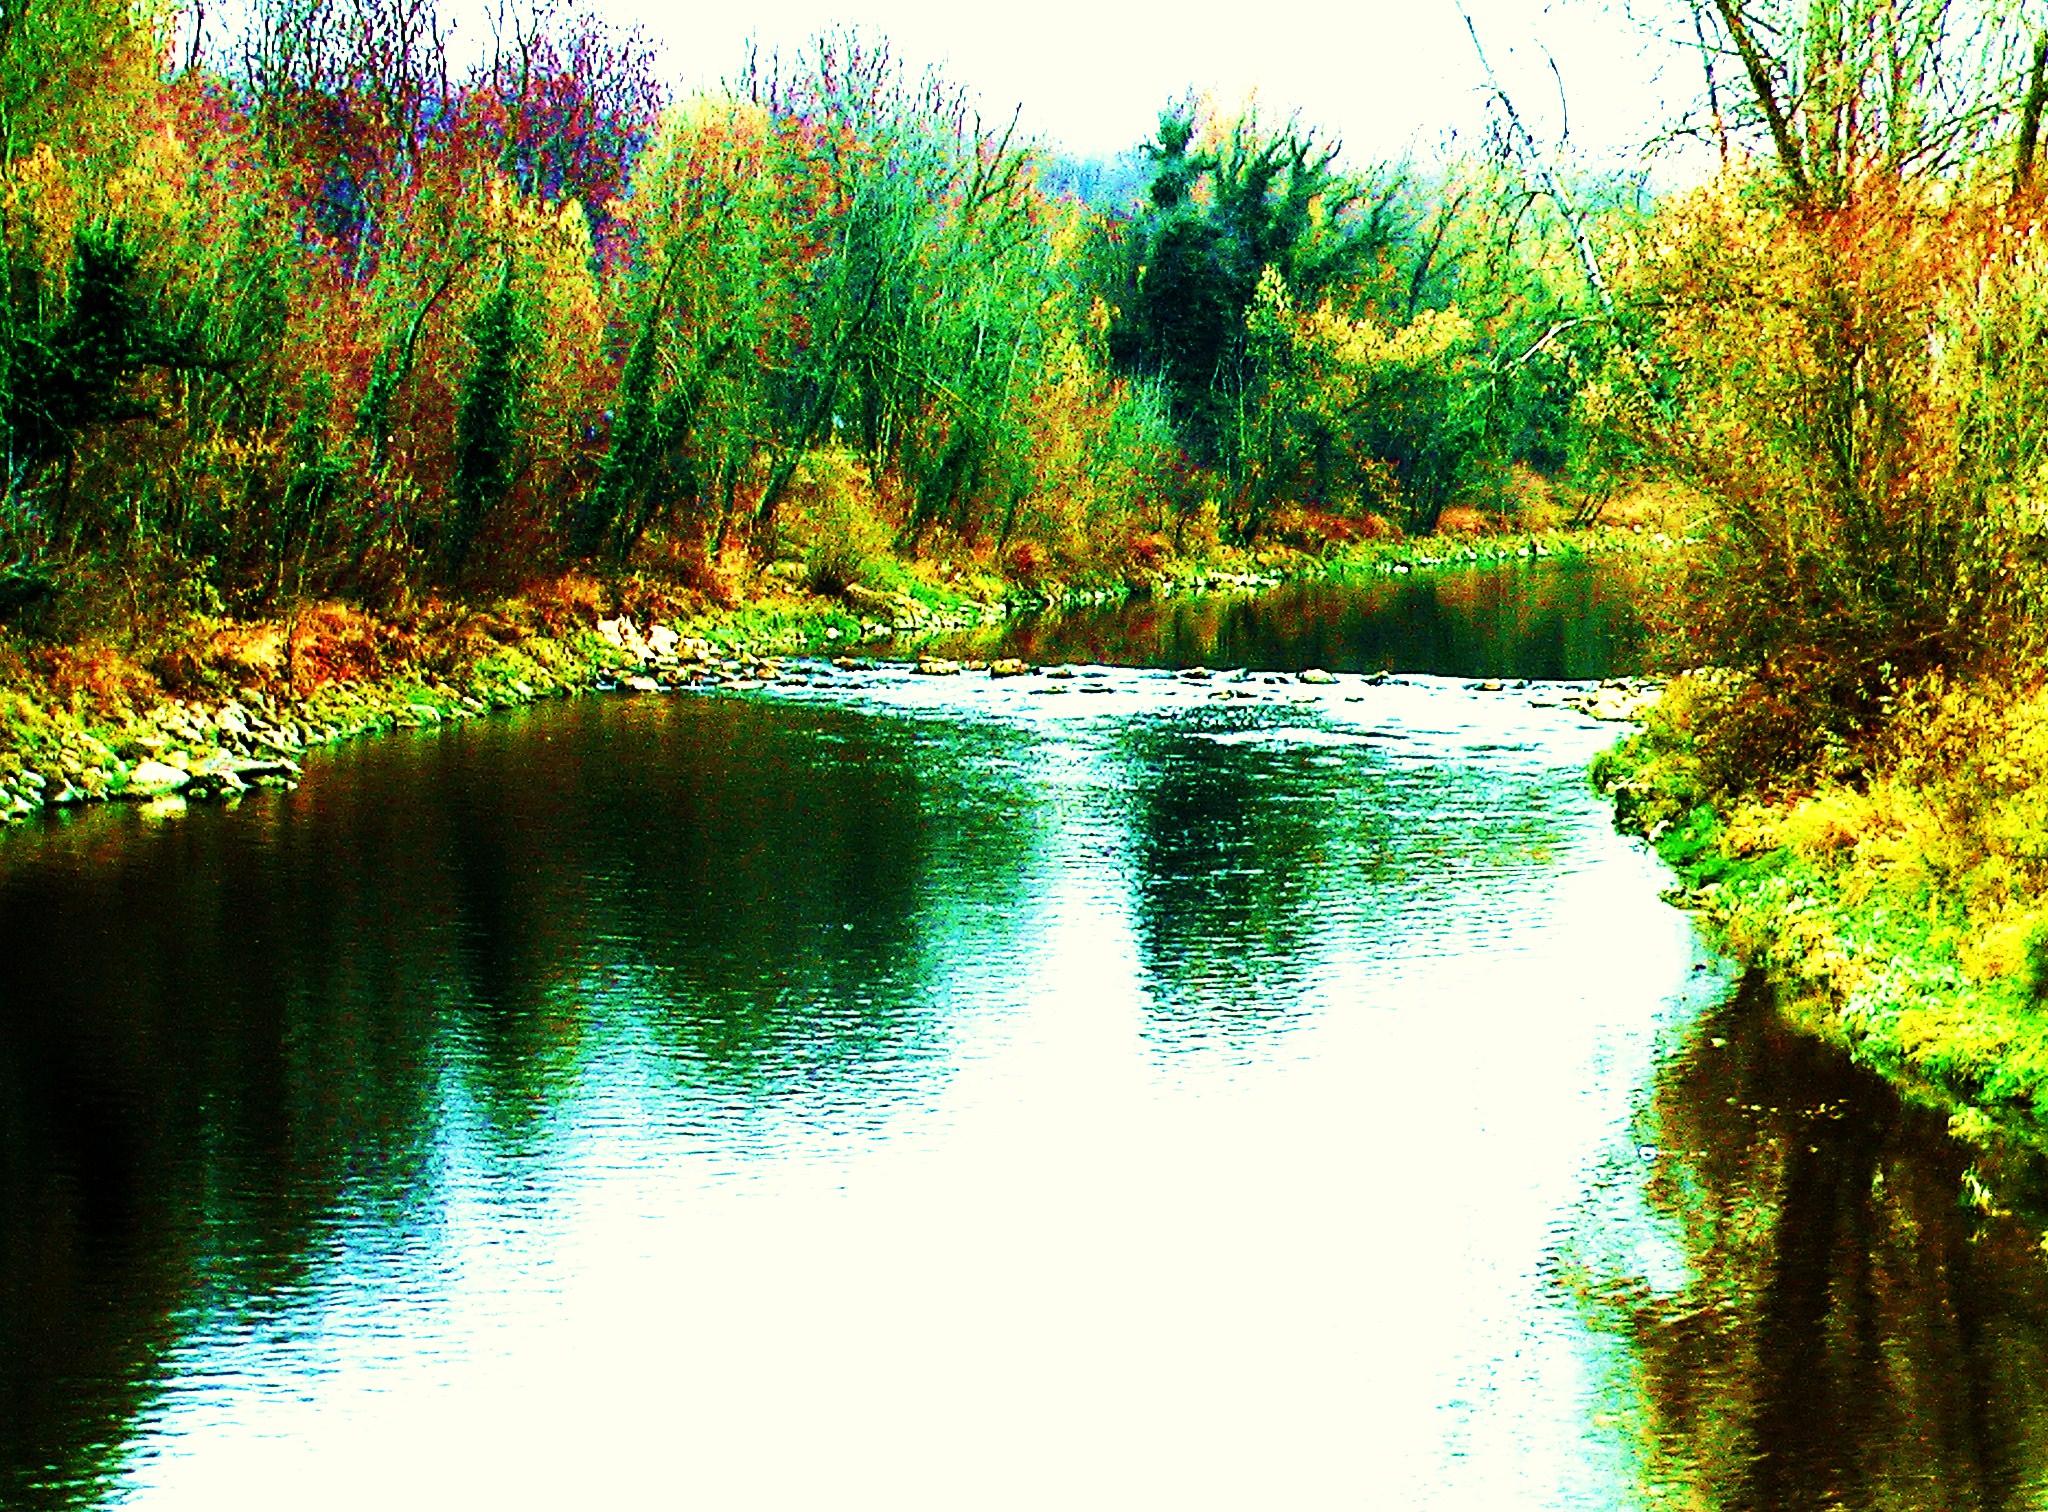 הנהר זורם